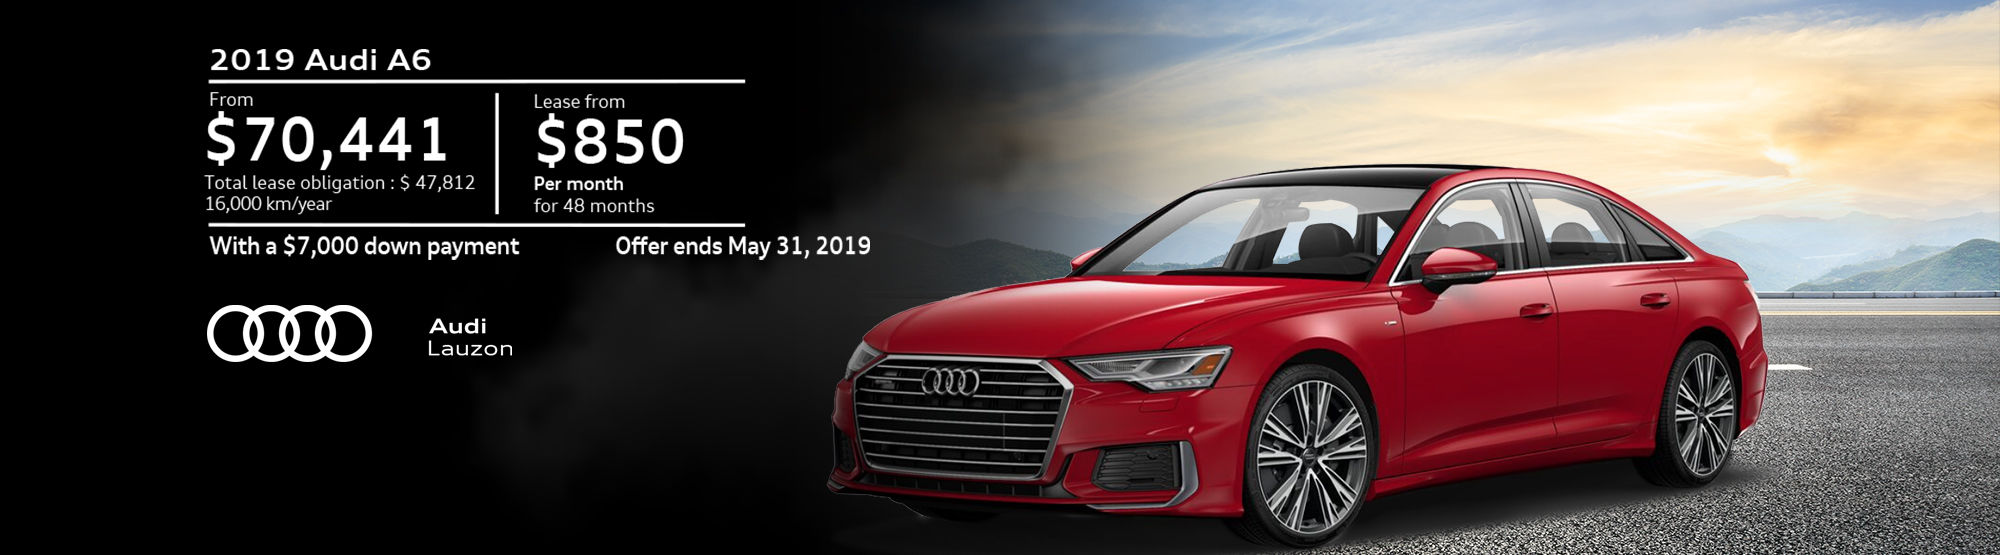 Audi A6 May 2019